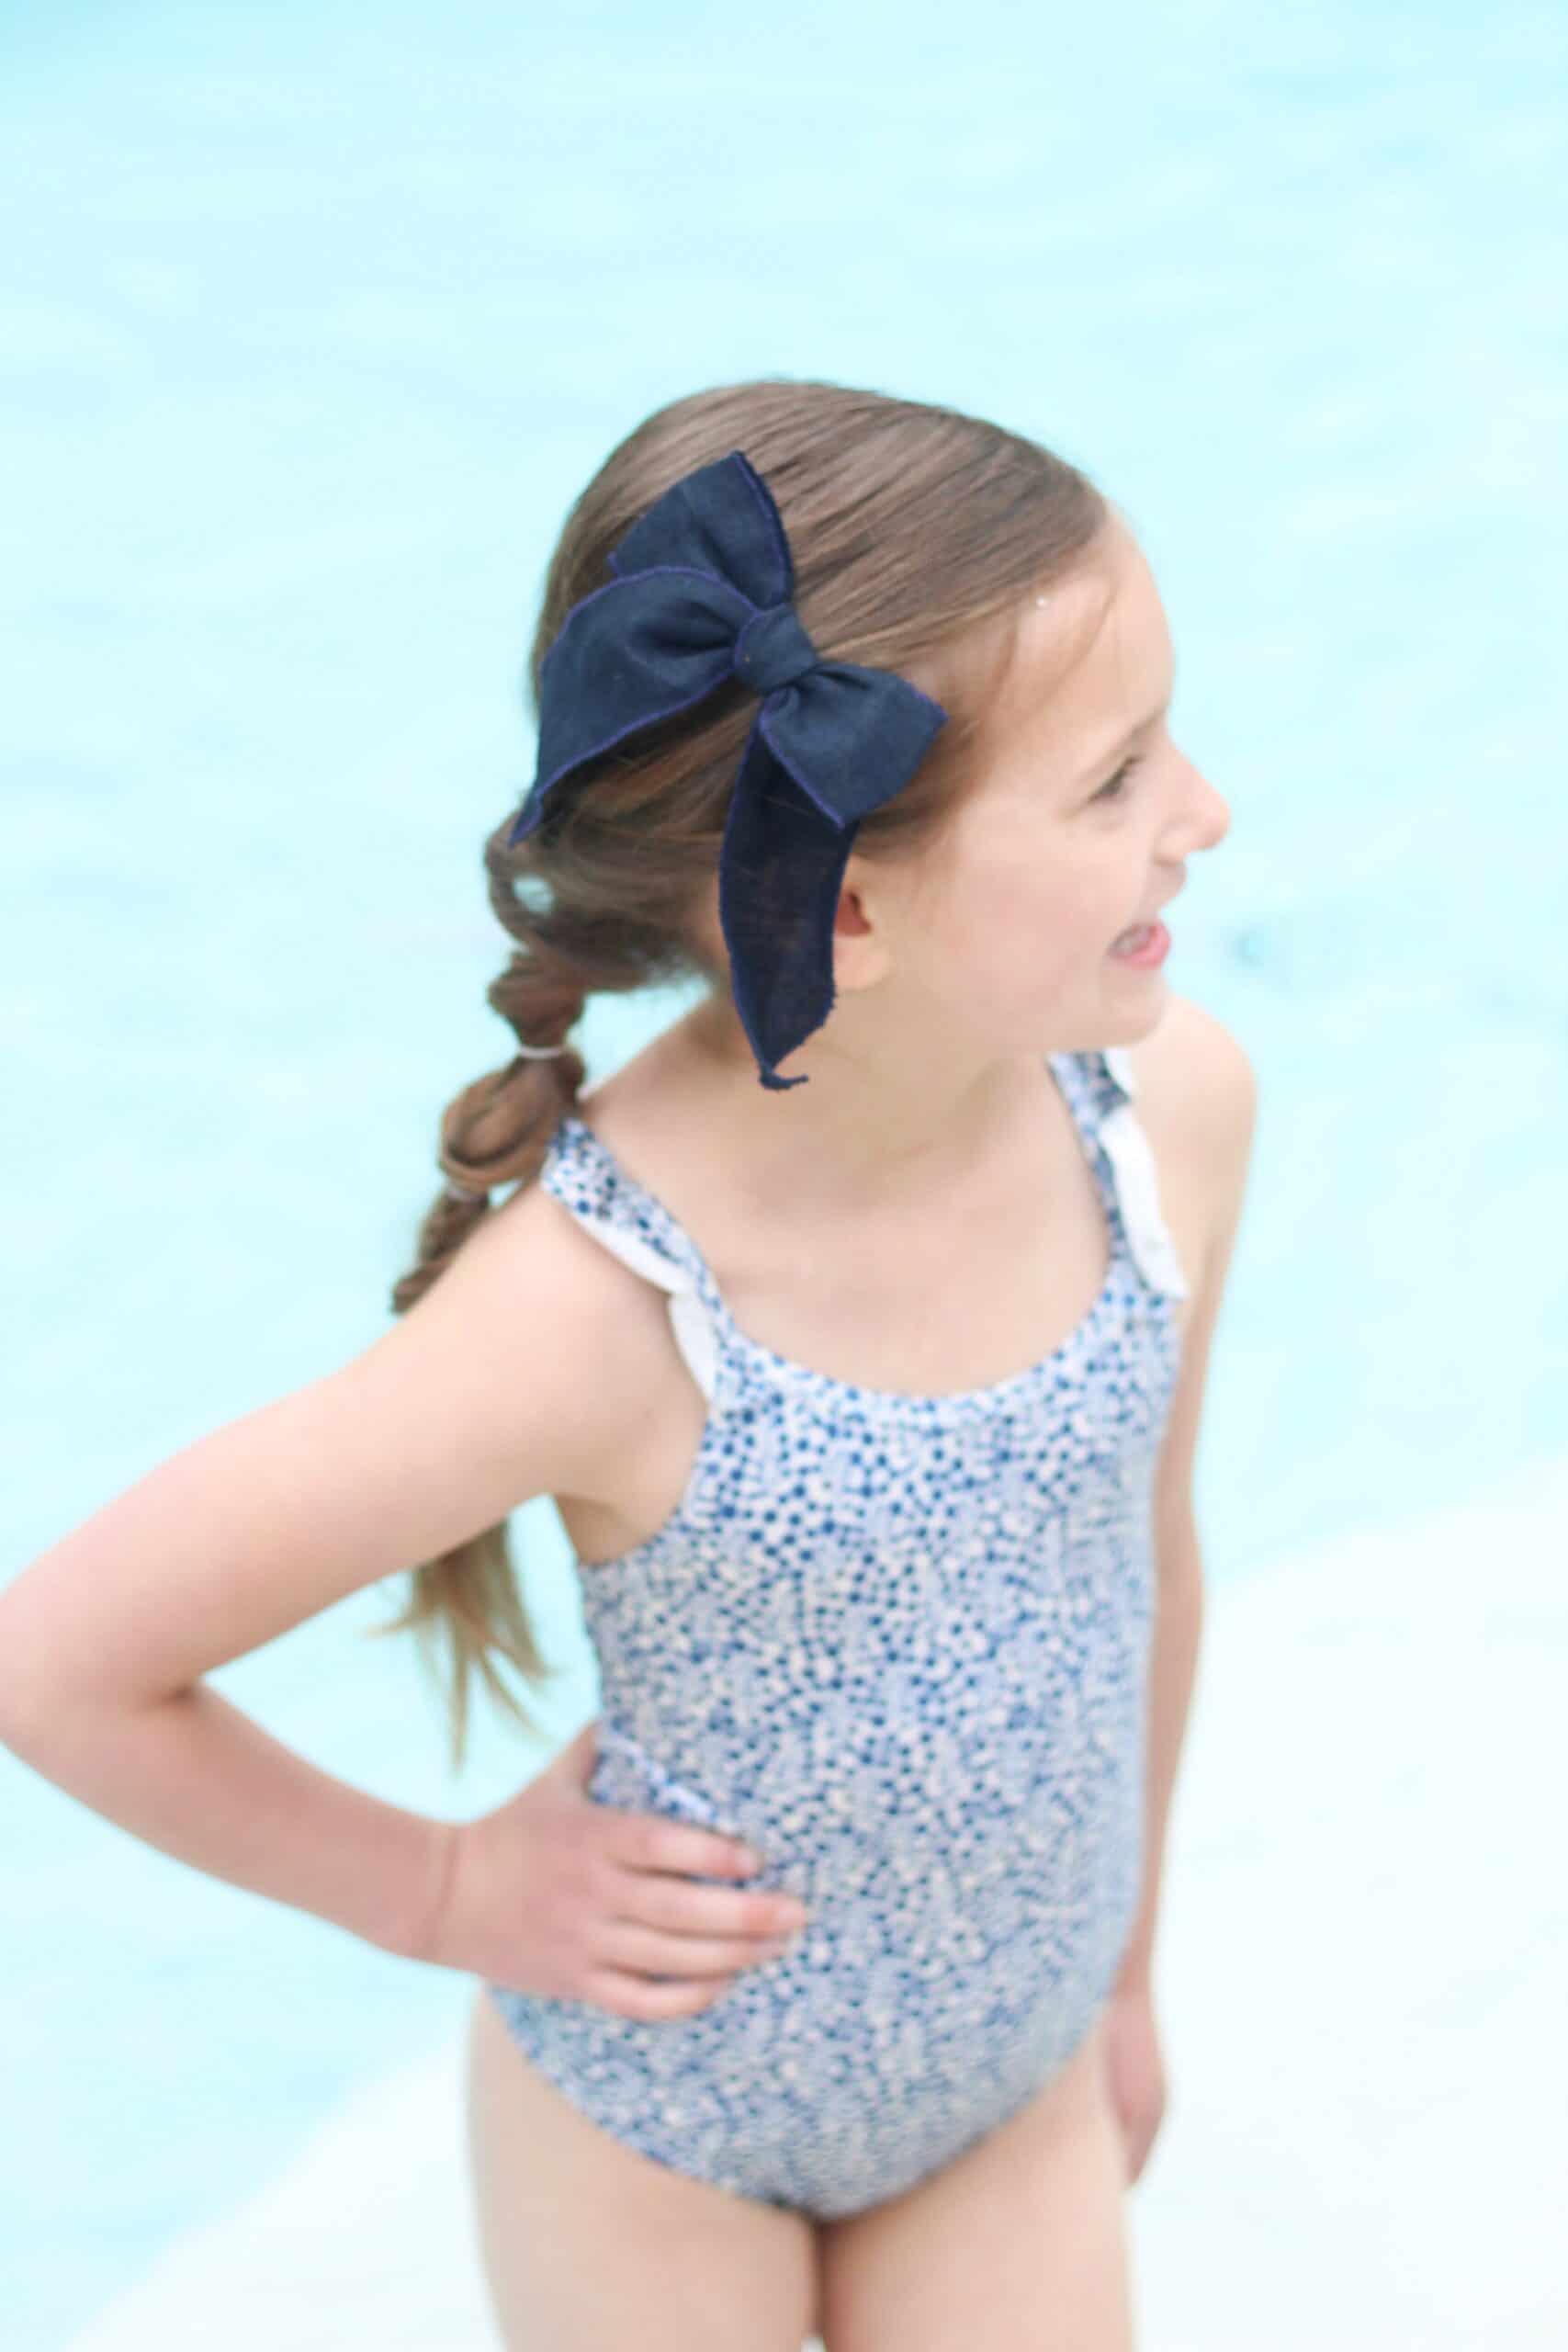 toddler girl in blue swimsuit